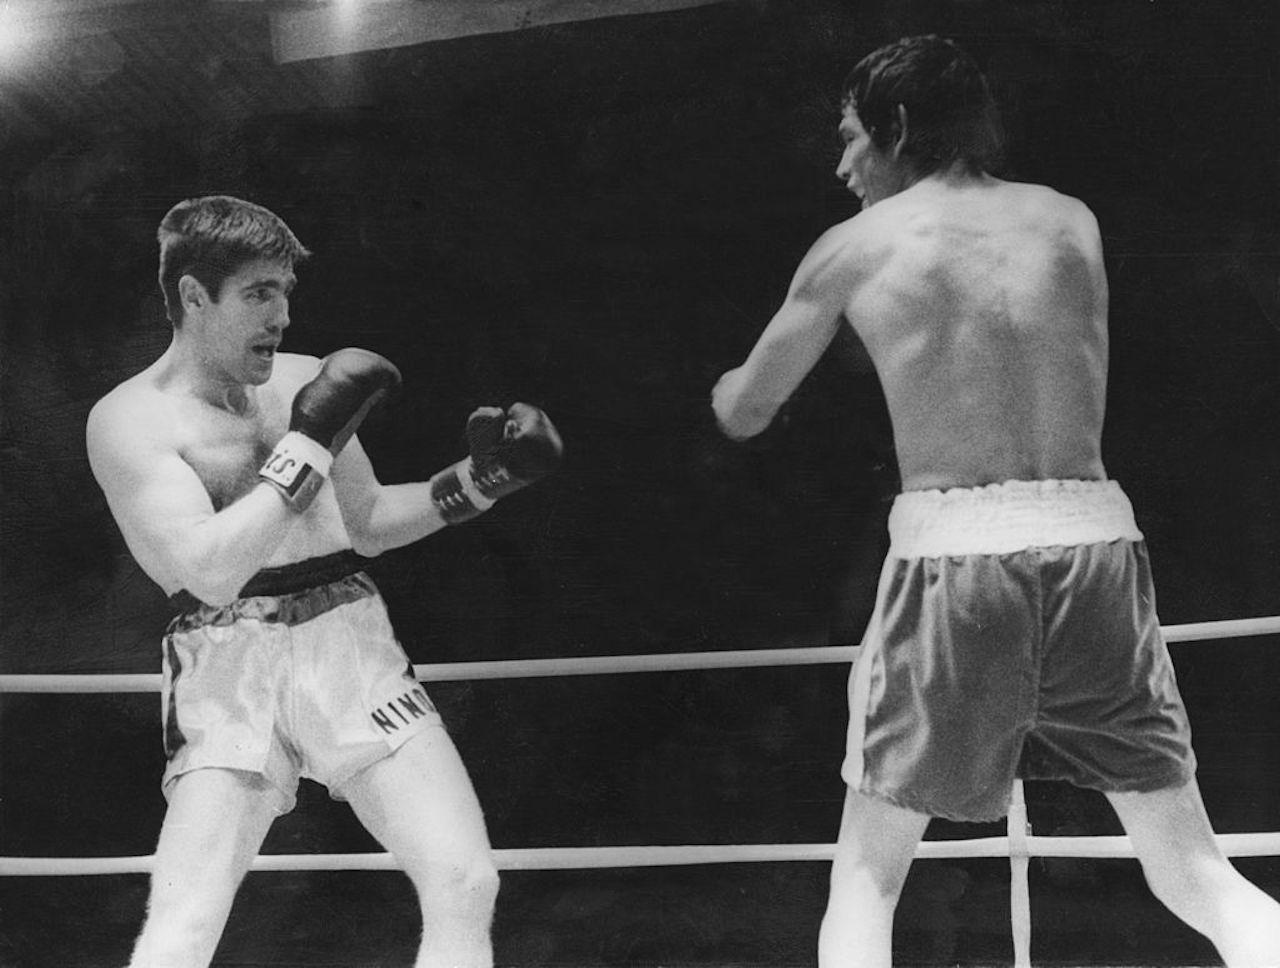 Boxe in lutto | È morto l'ex campione del mondo Mazzinghi ...